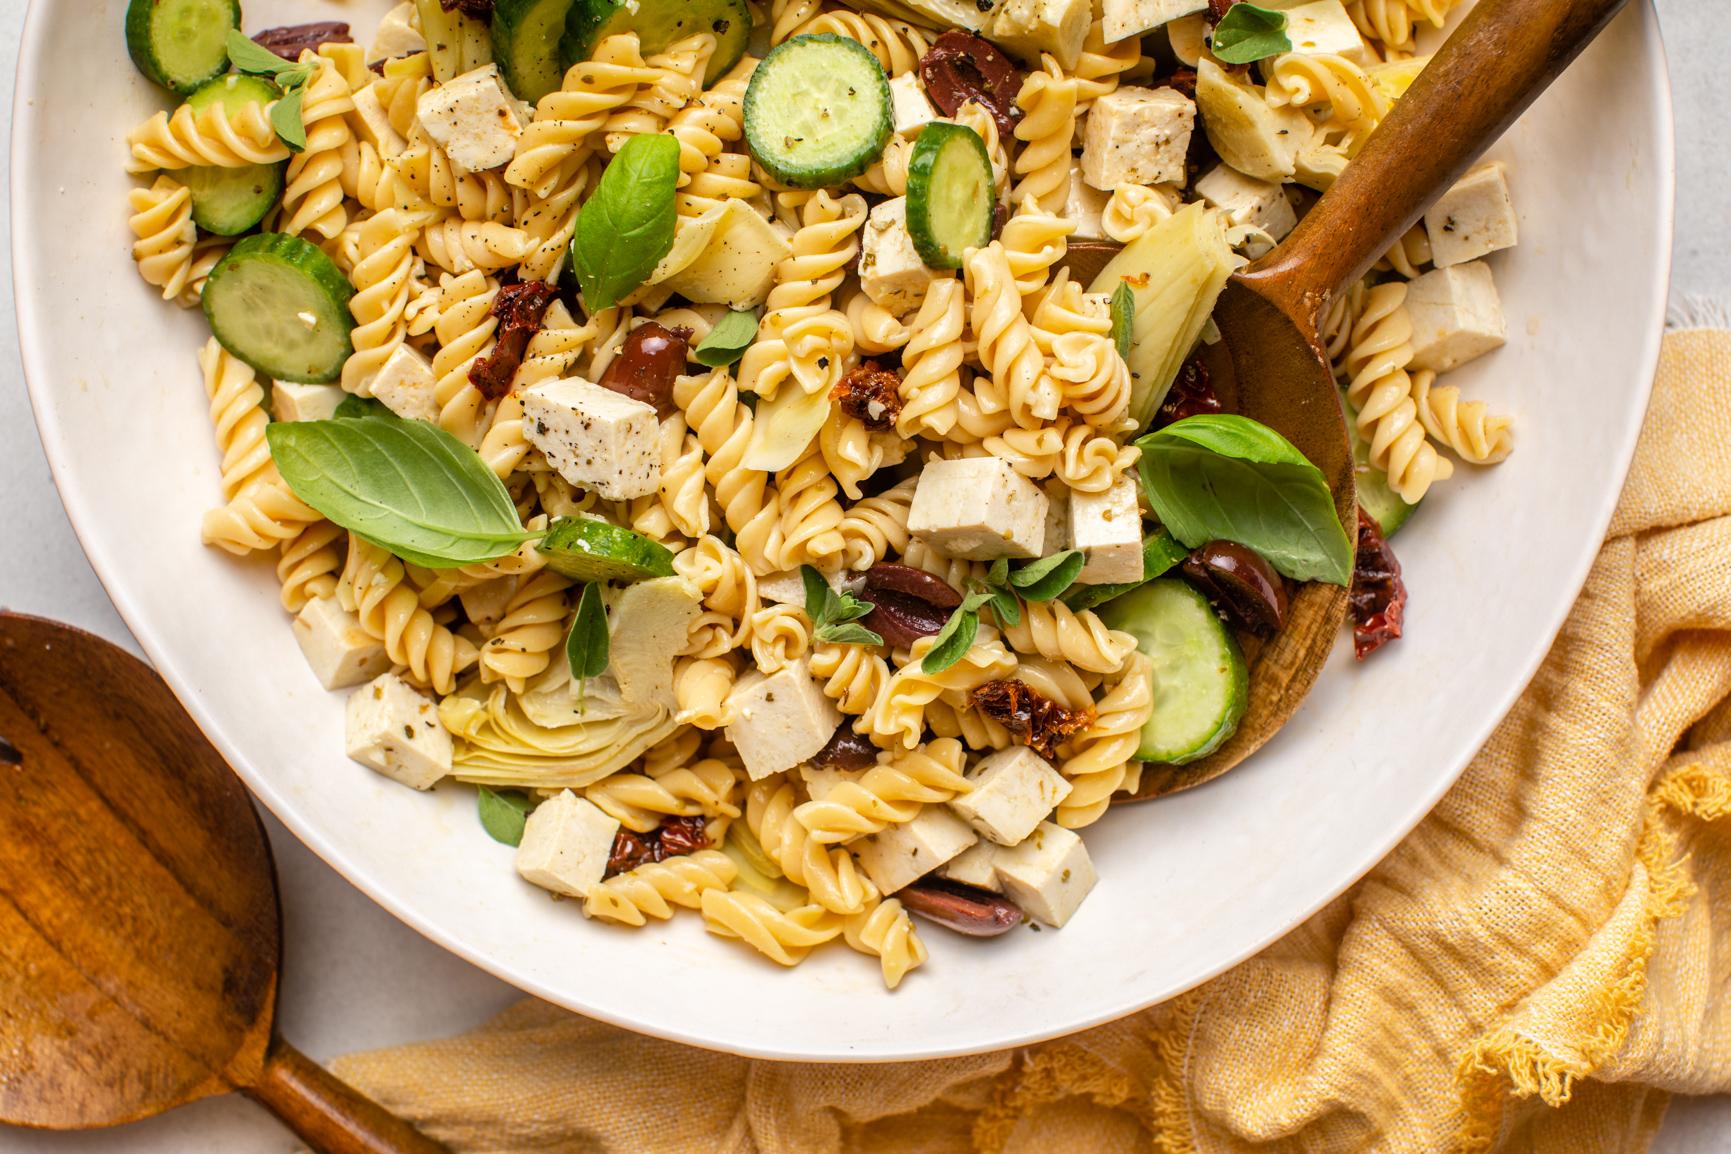 Vegan_Mediterranean_Pasta_Salad_FromMyBowl-8